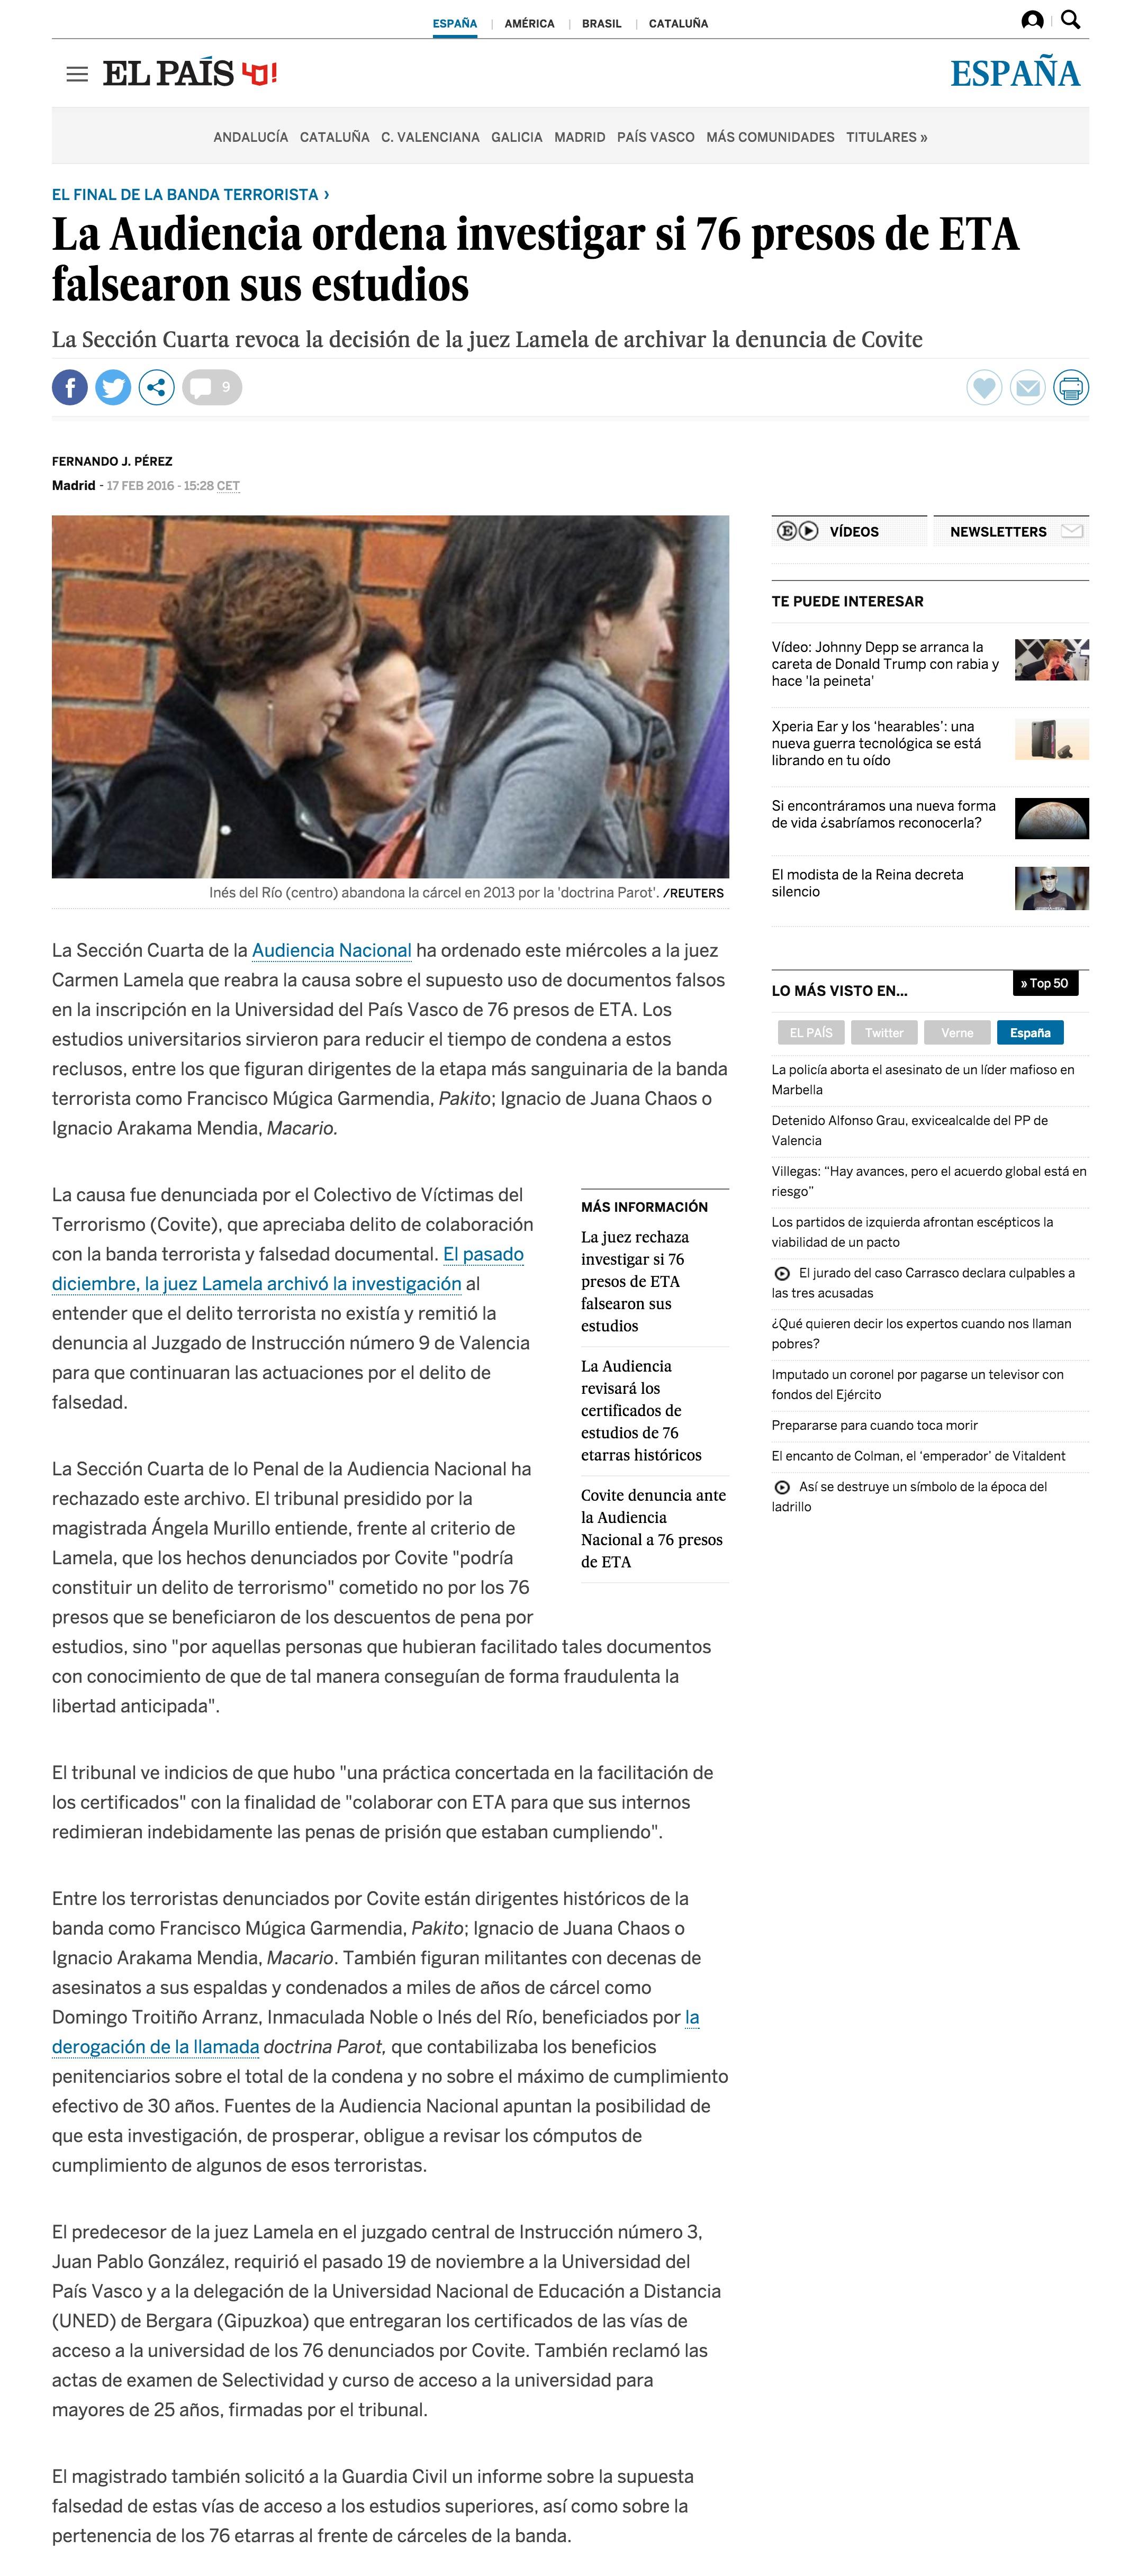 screencapture-politica-elpais-com-politica-2016-02-17-actualidad-1455717319_696855-html-1456142385229